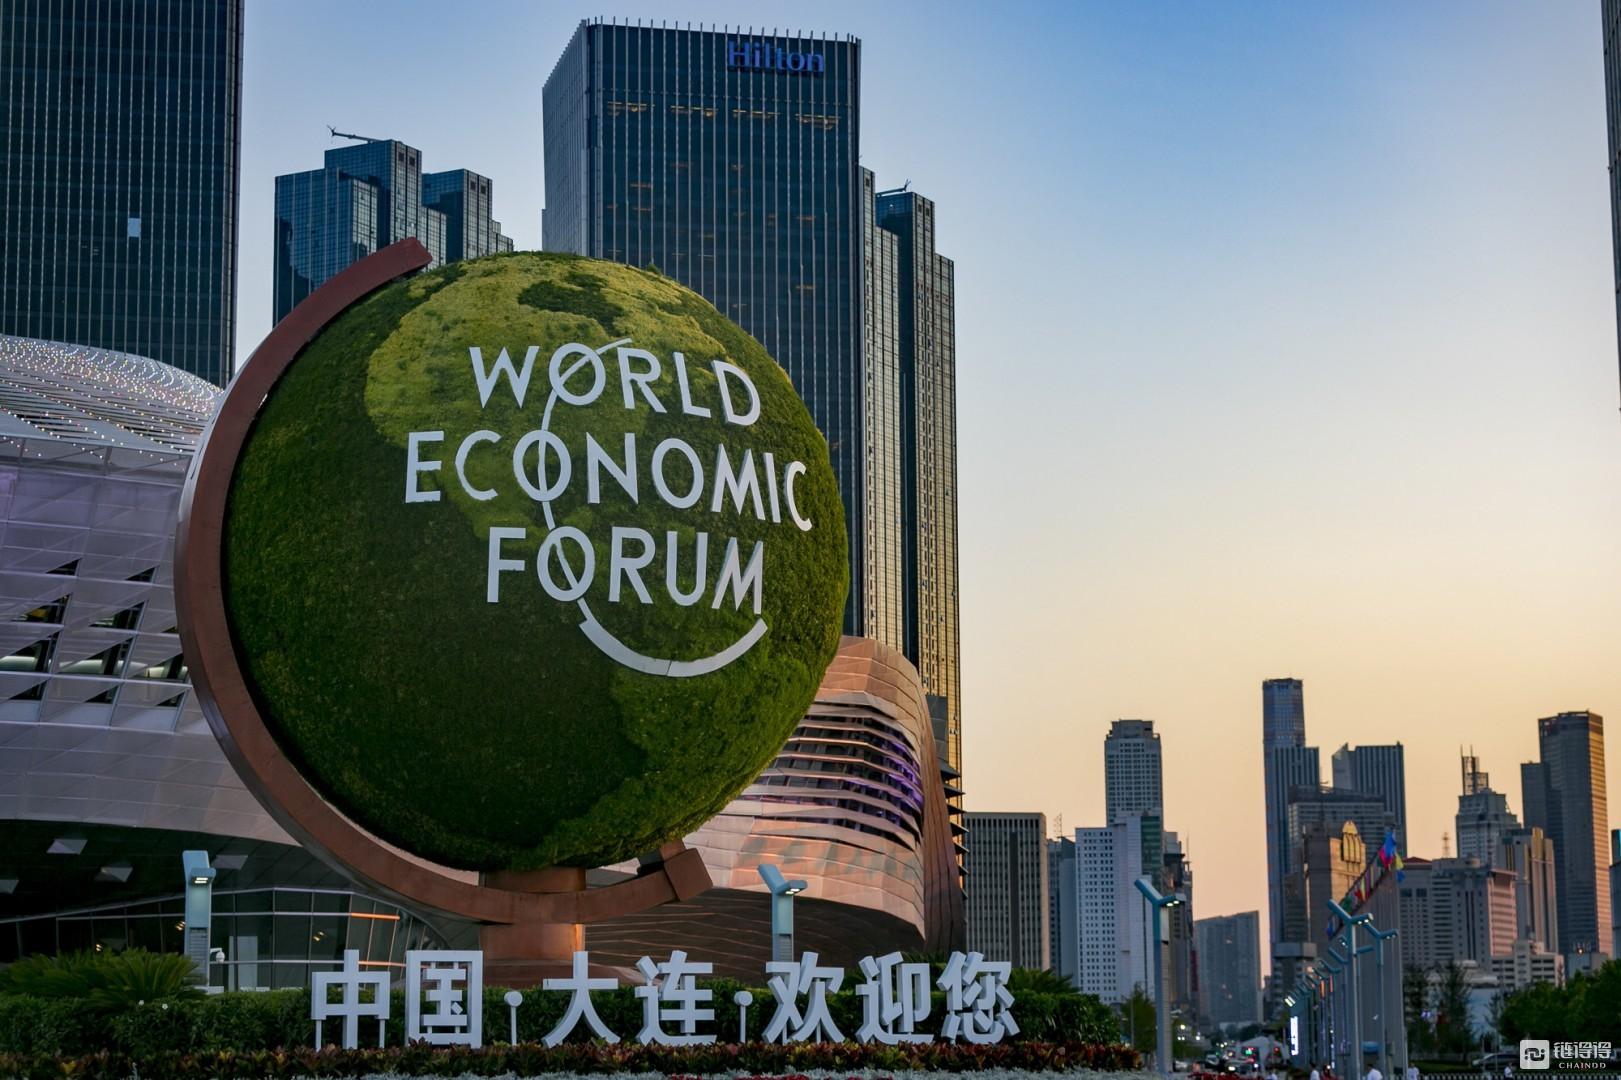 直擊達沃斯   世界經濟論壇與美洲開發銀行聯合報告:運用區塊鏈技術提振全球貿易